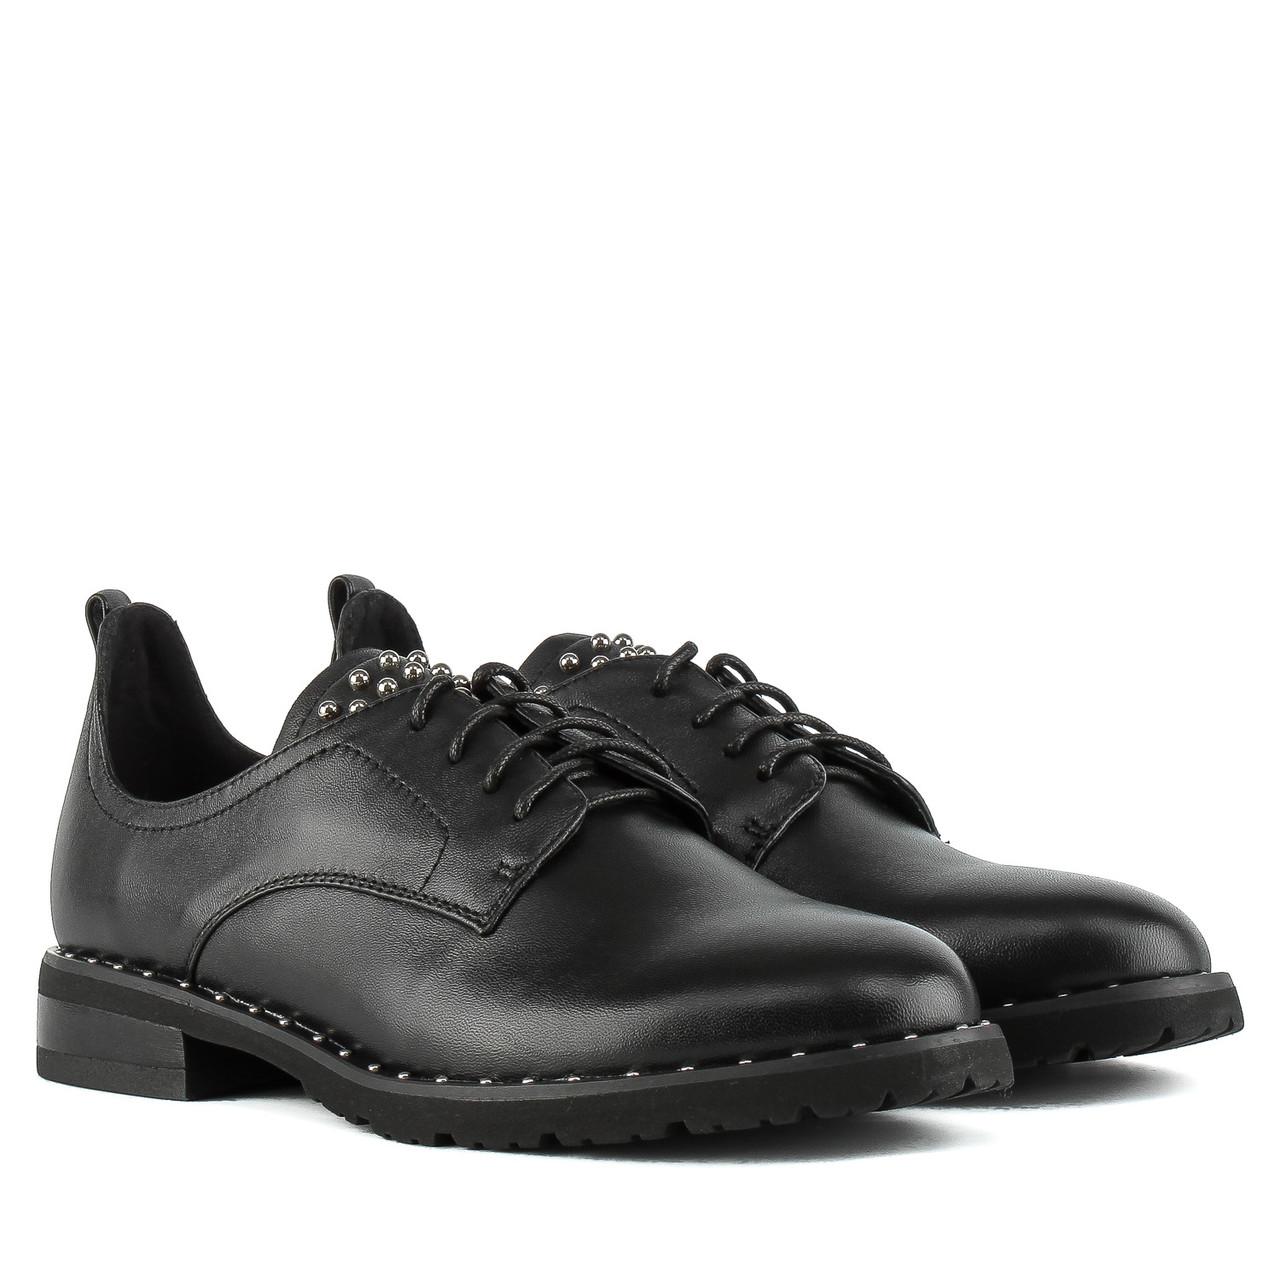 Туфли женские My Classic (кожаные, черные, удобные, модные)